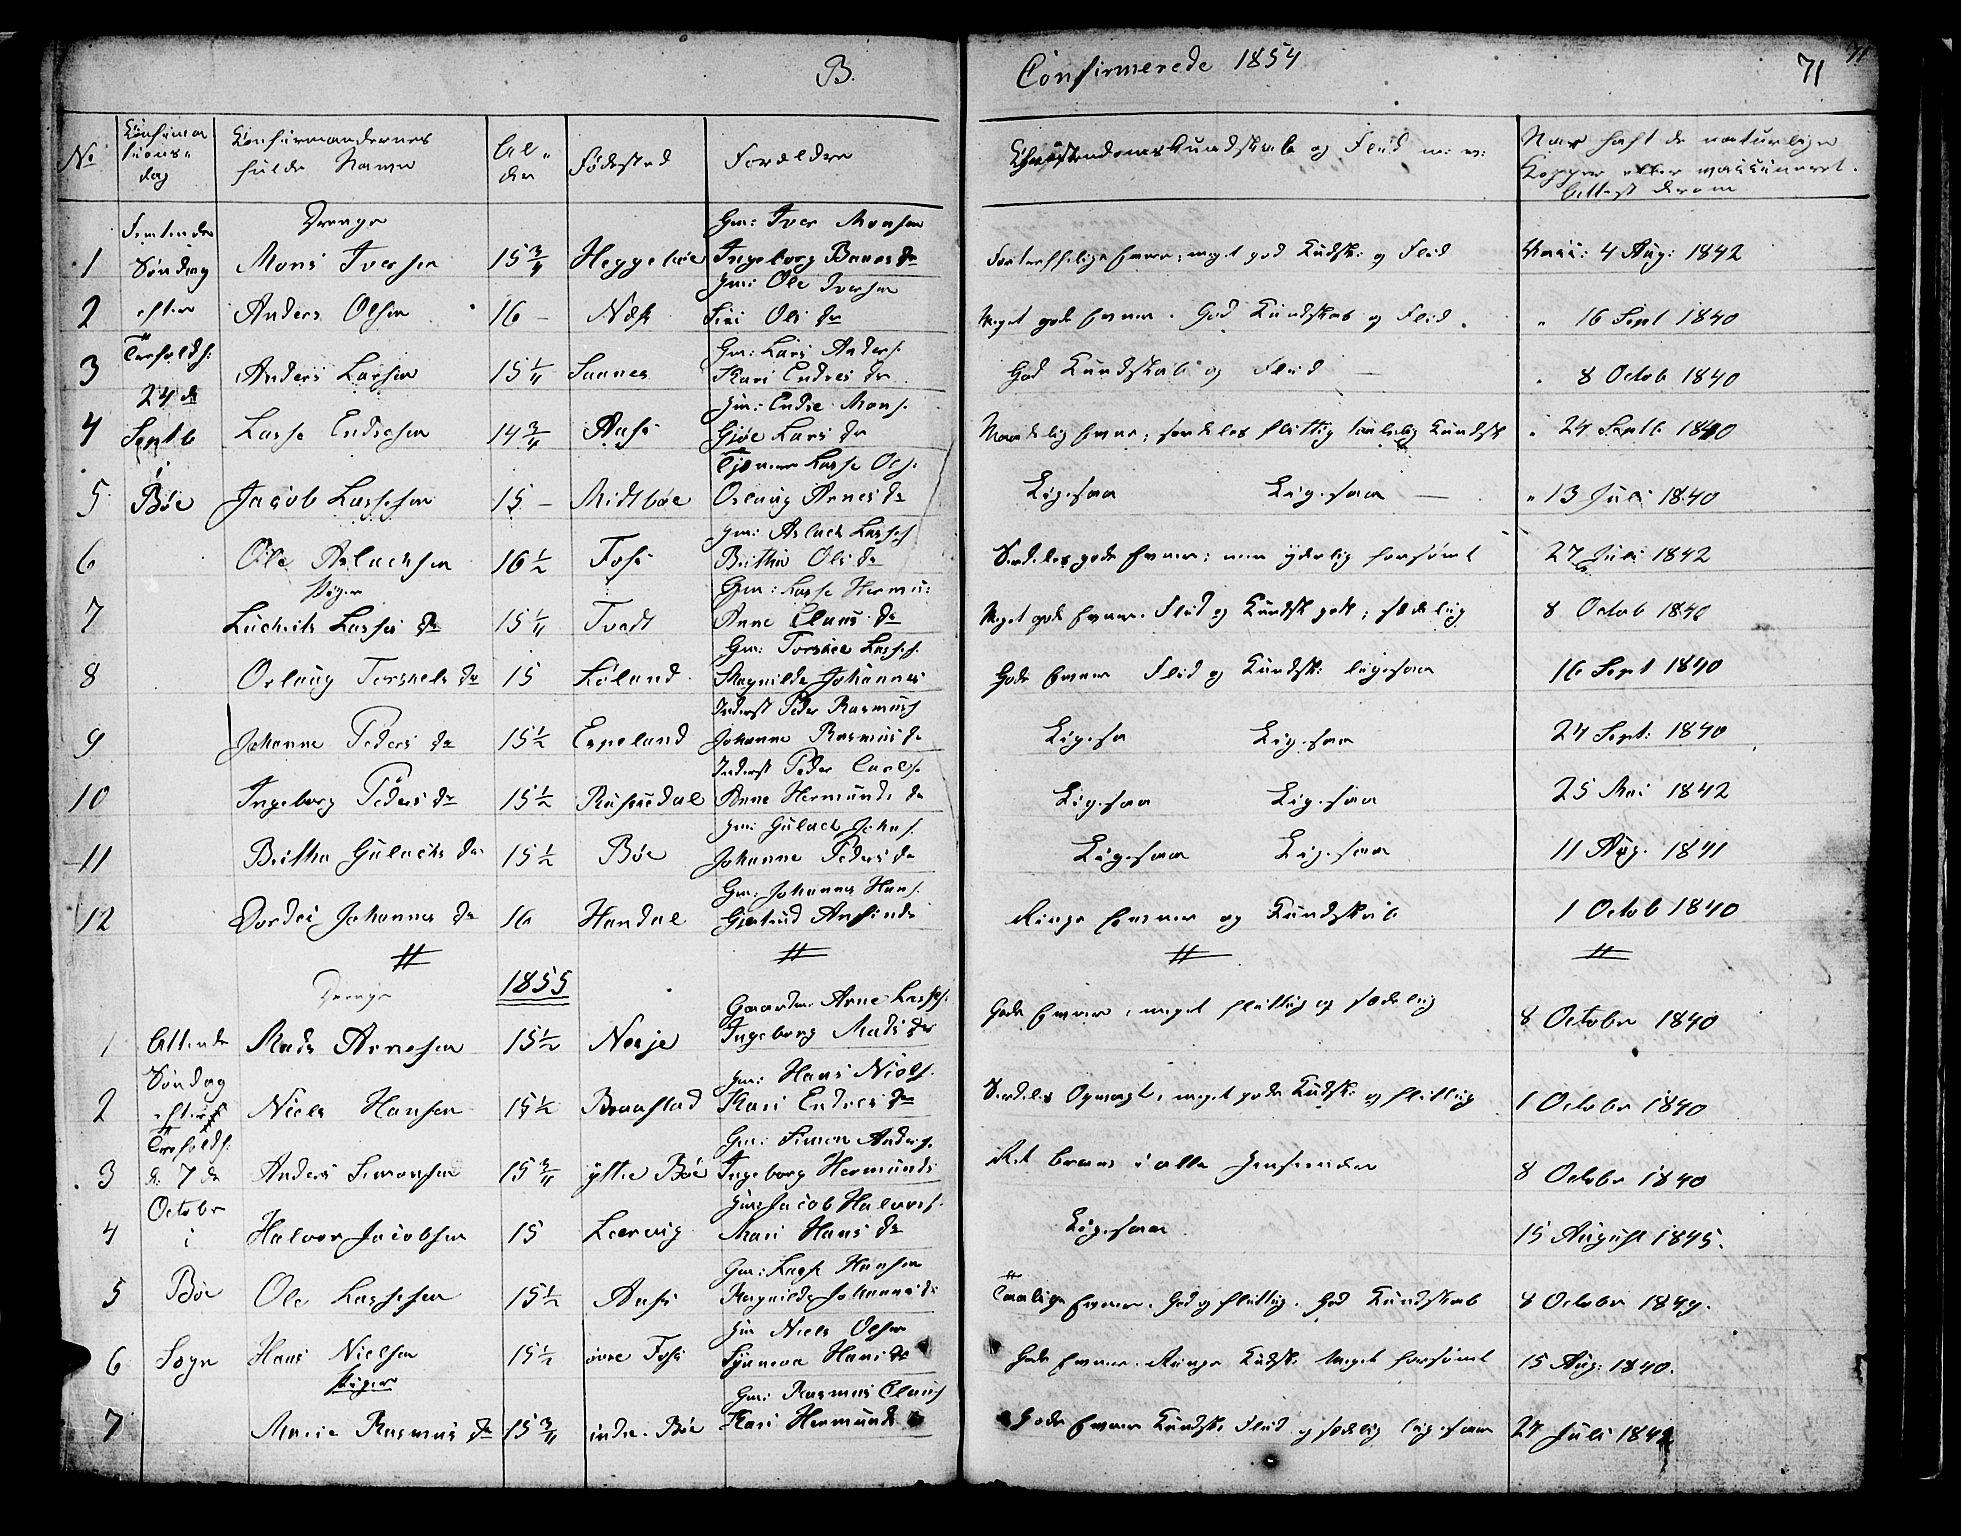 SAB, Hyllestad Sokneprestembete, Klokkerbok nr. B 1, 1854-1889, s. 71